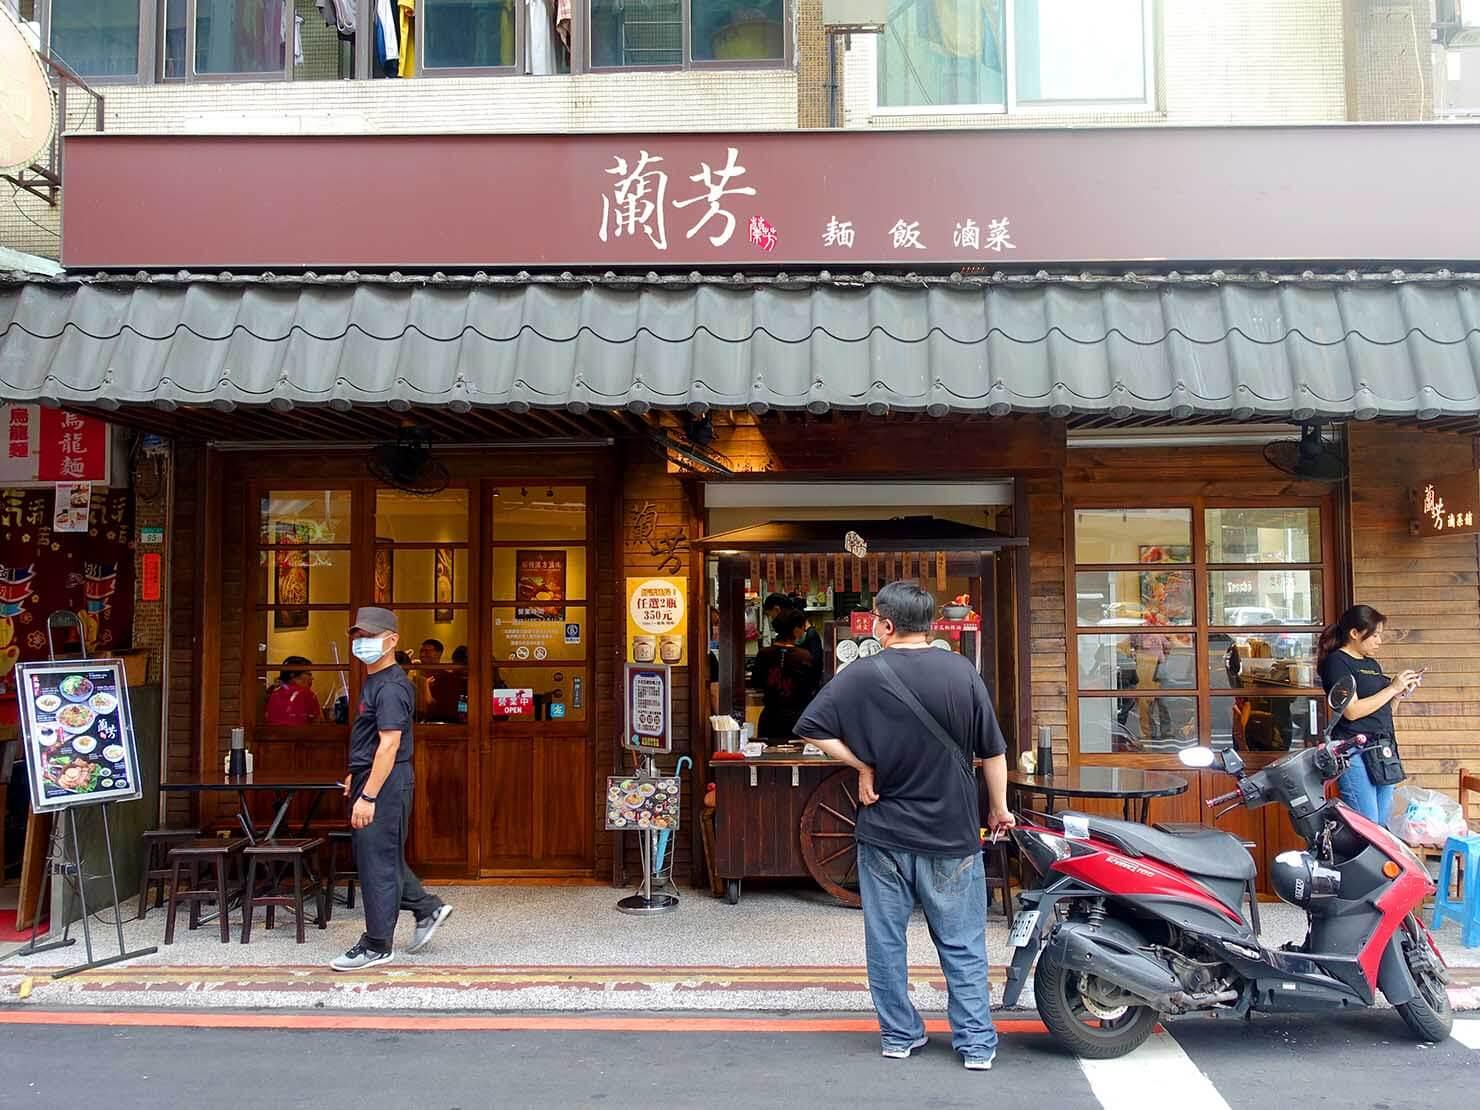 台北・遼寧街夜市のおすすめグルメ店「蘭芳麵食館」の外観